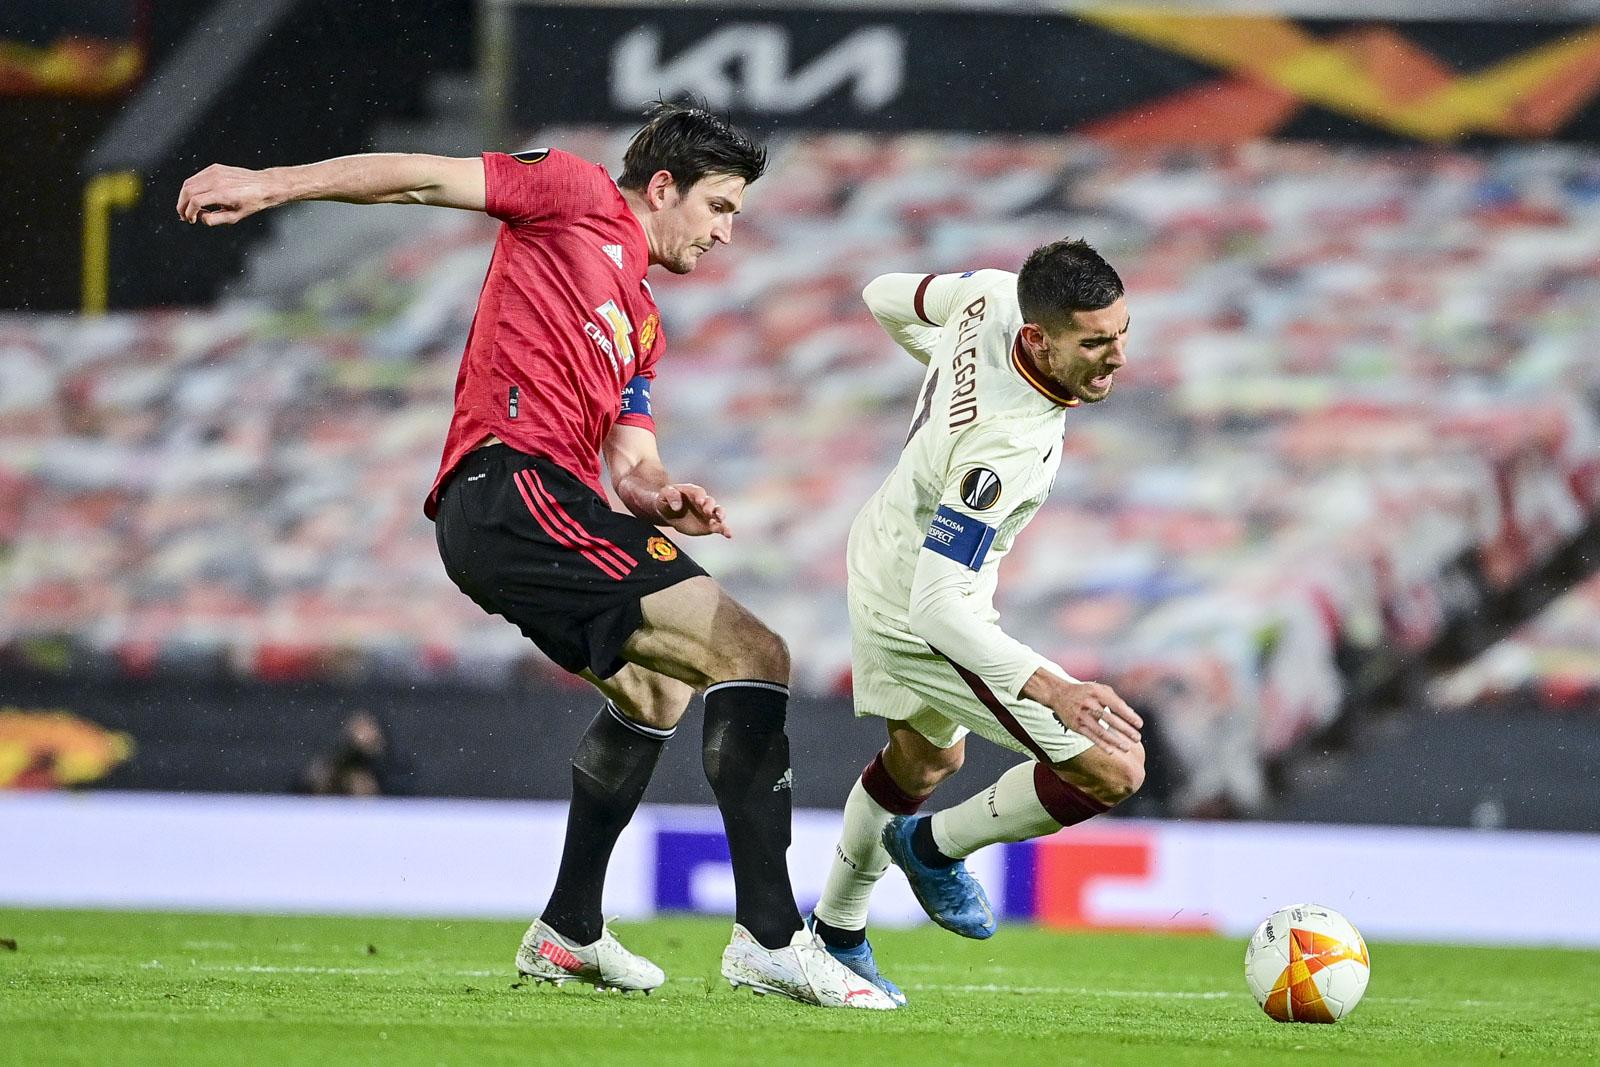 مانشستر يونايتد - روما